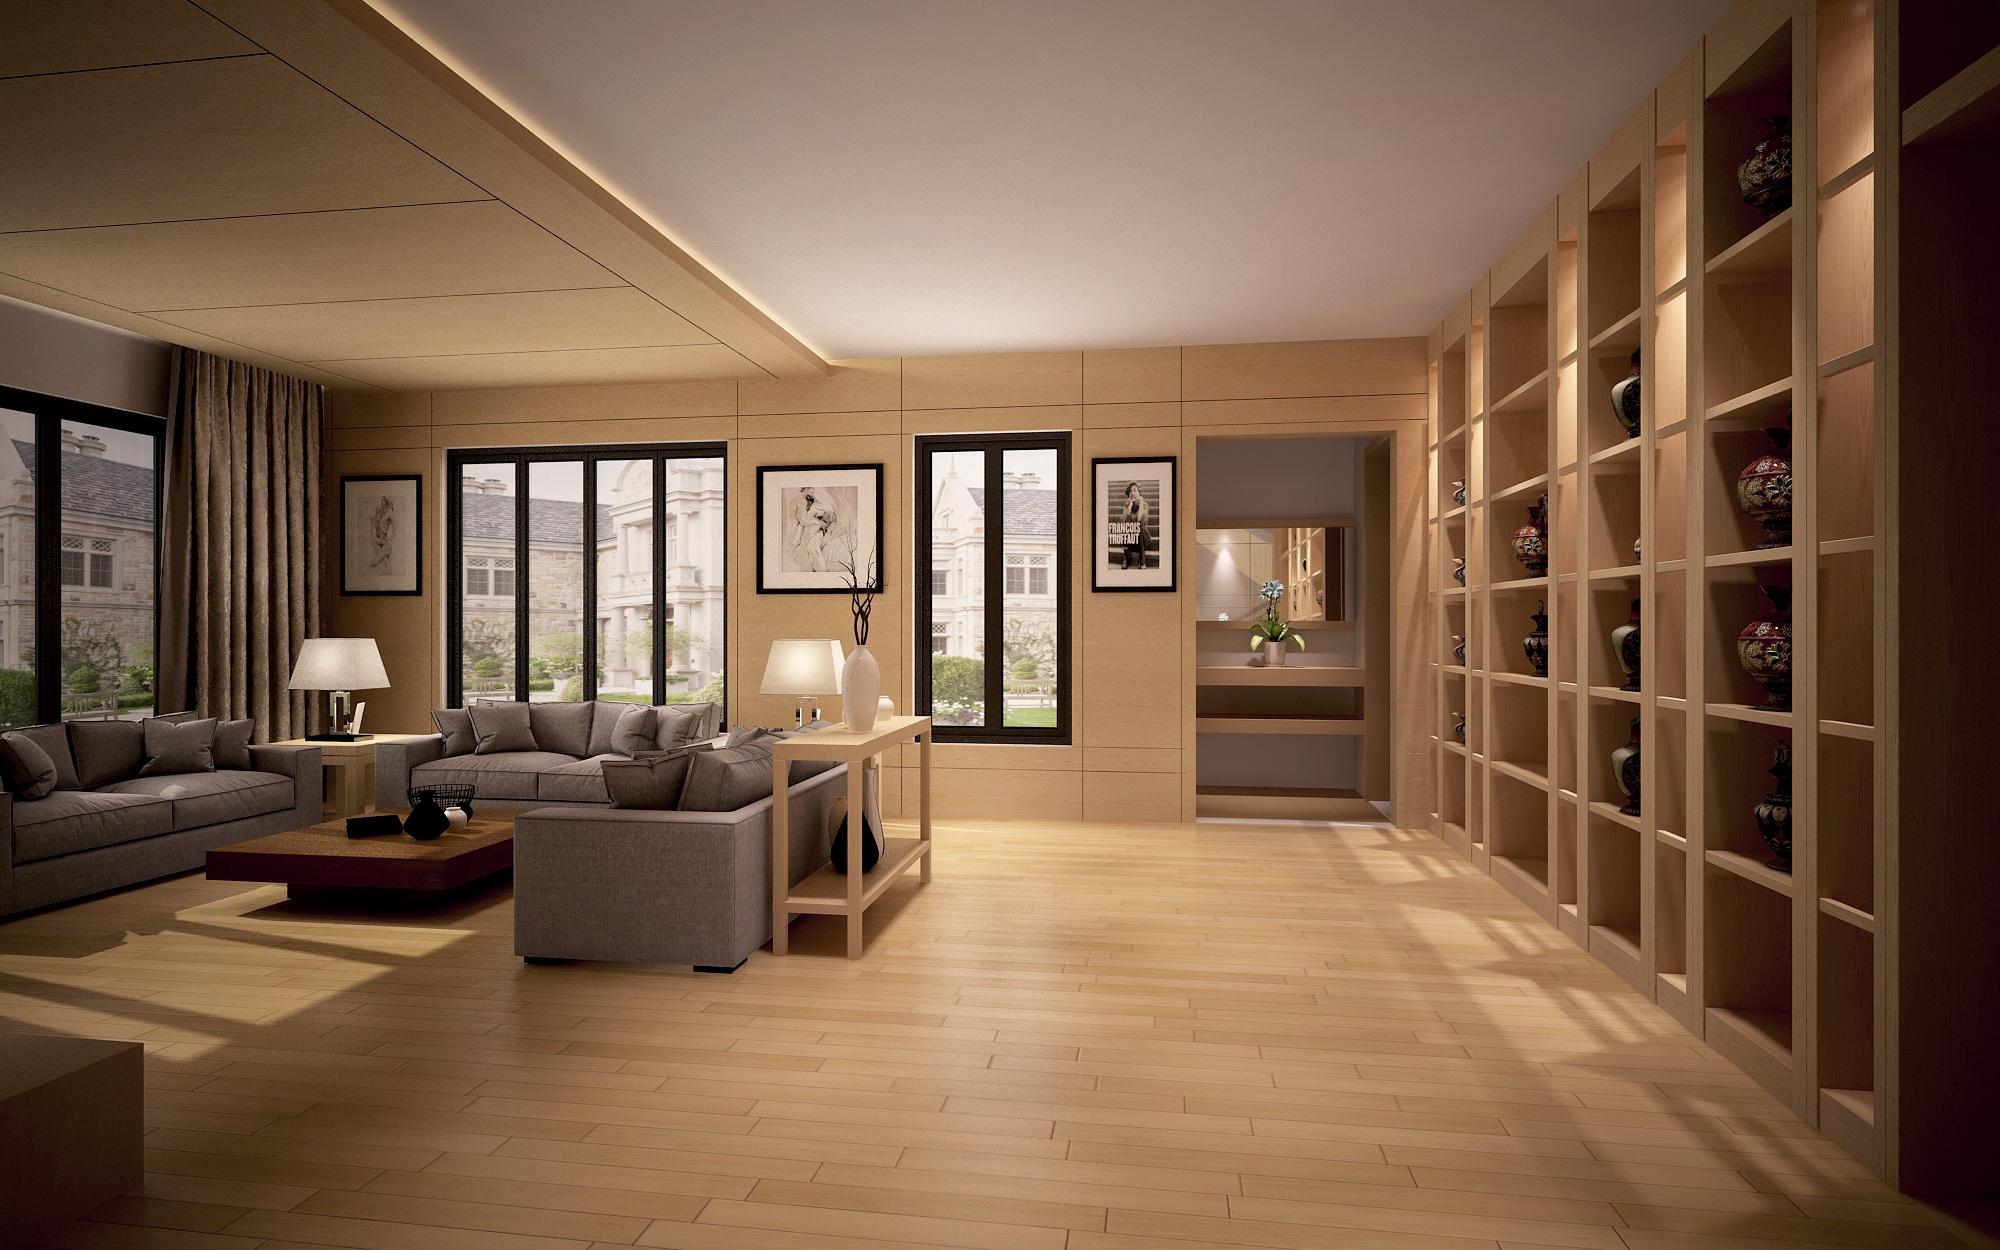 leave-room-825316